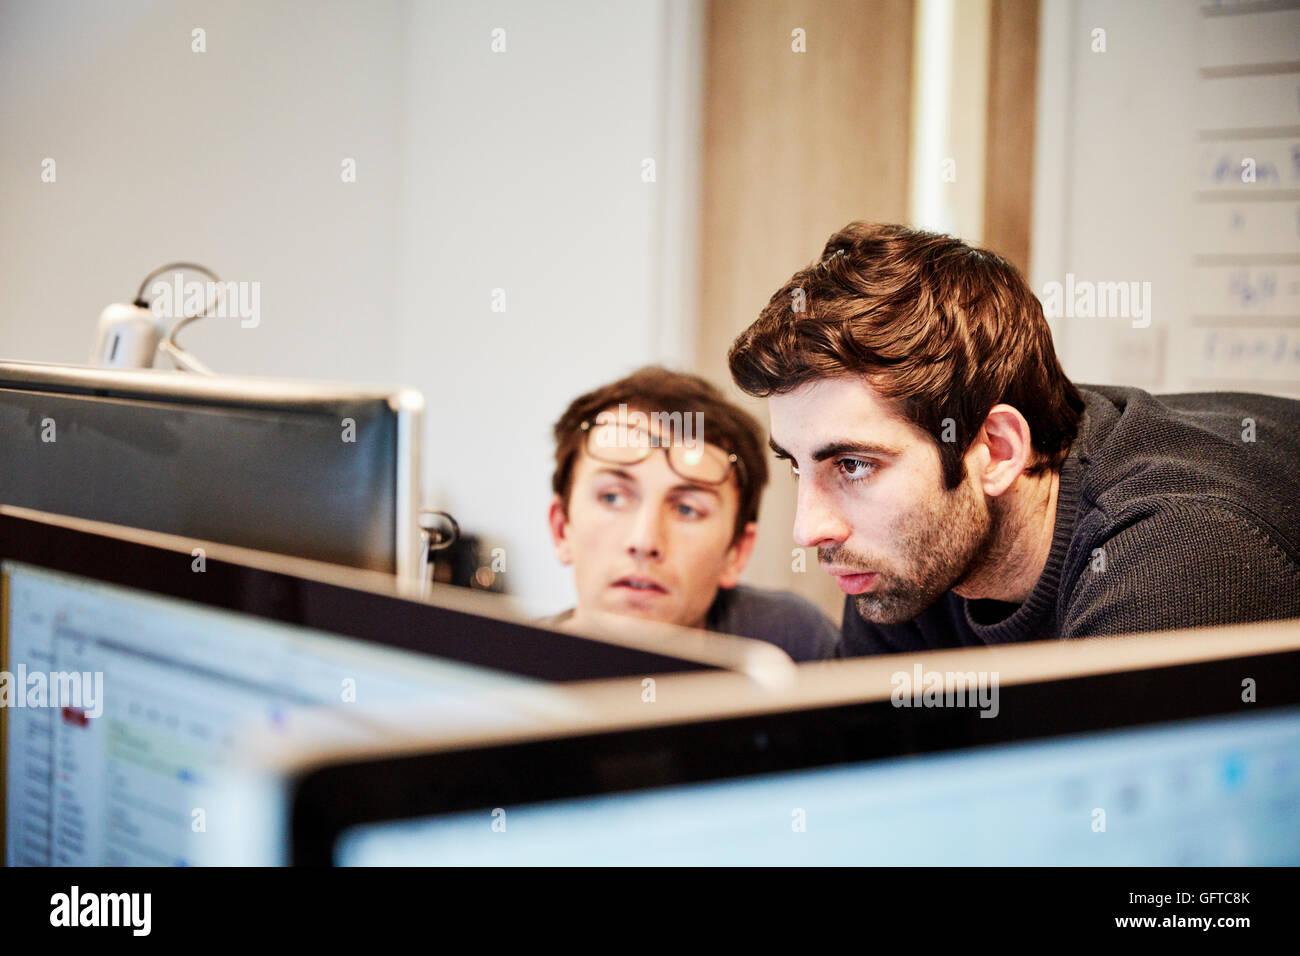 Möbelwerkstatt, zwei Personen, eine Design unter Bezugnahme auf Zeichnungen und Laptop-Computern zu diskutieren Stockbild